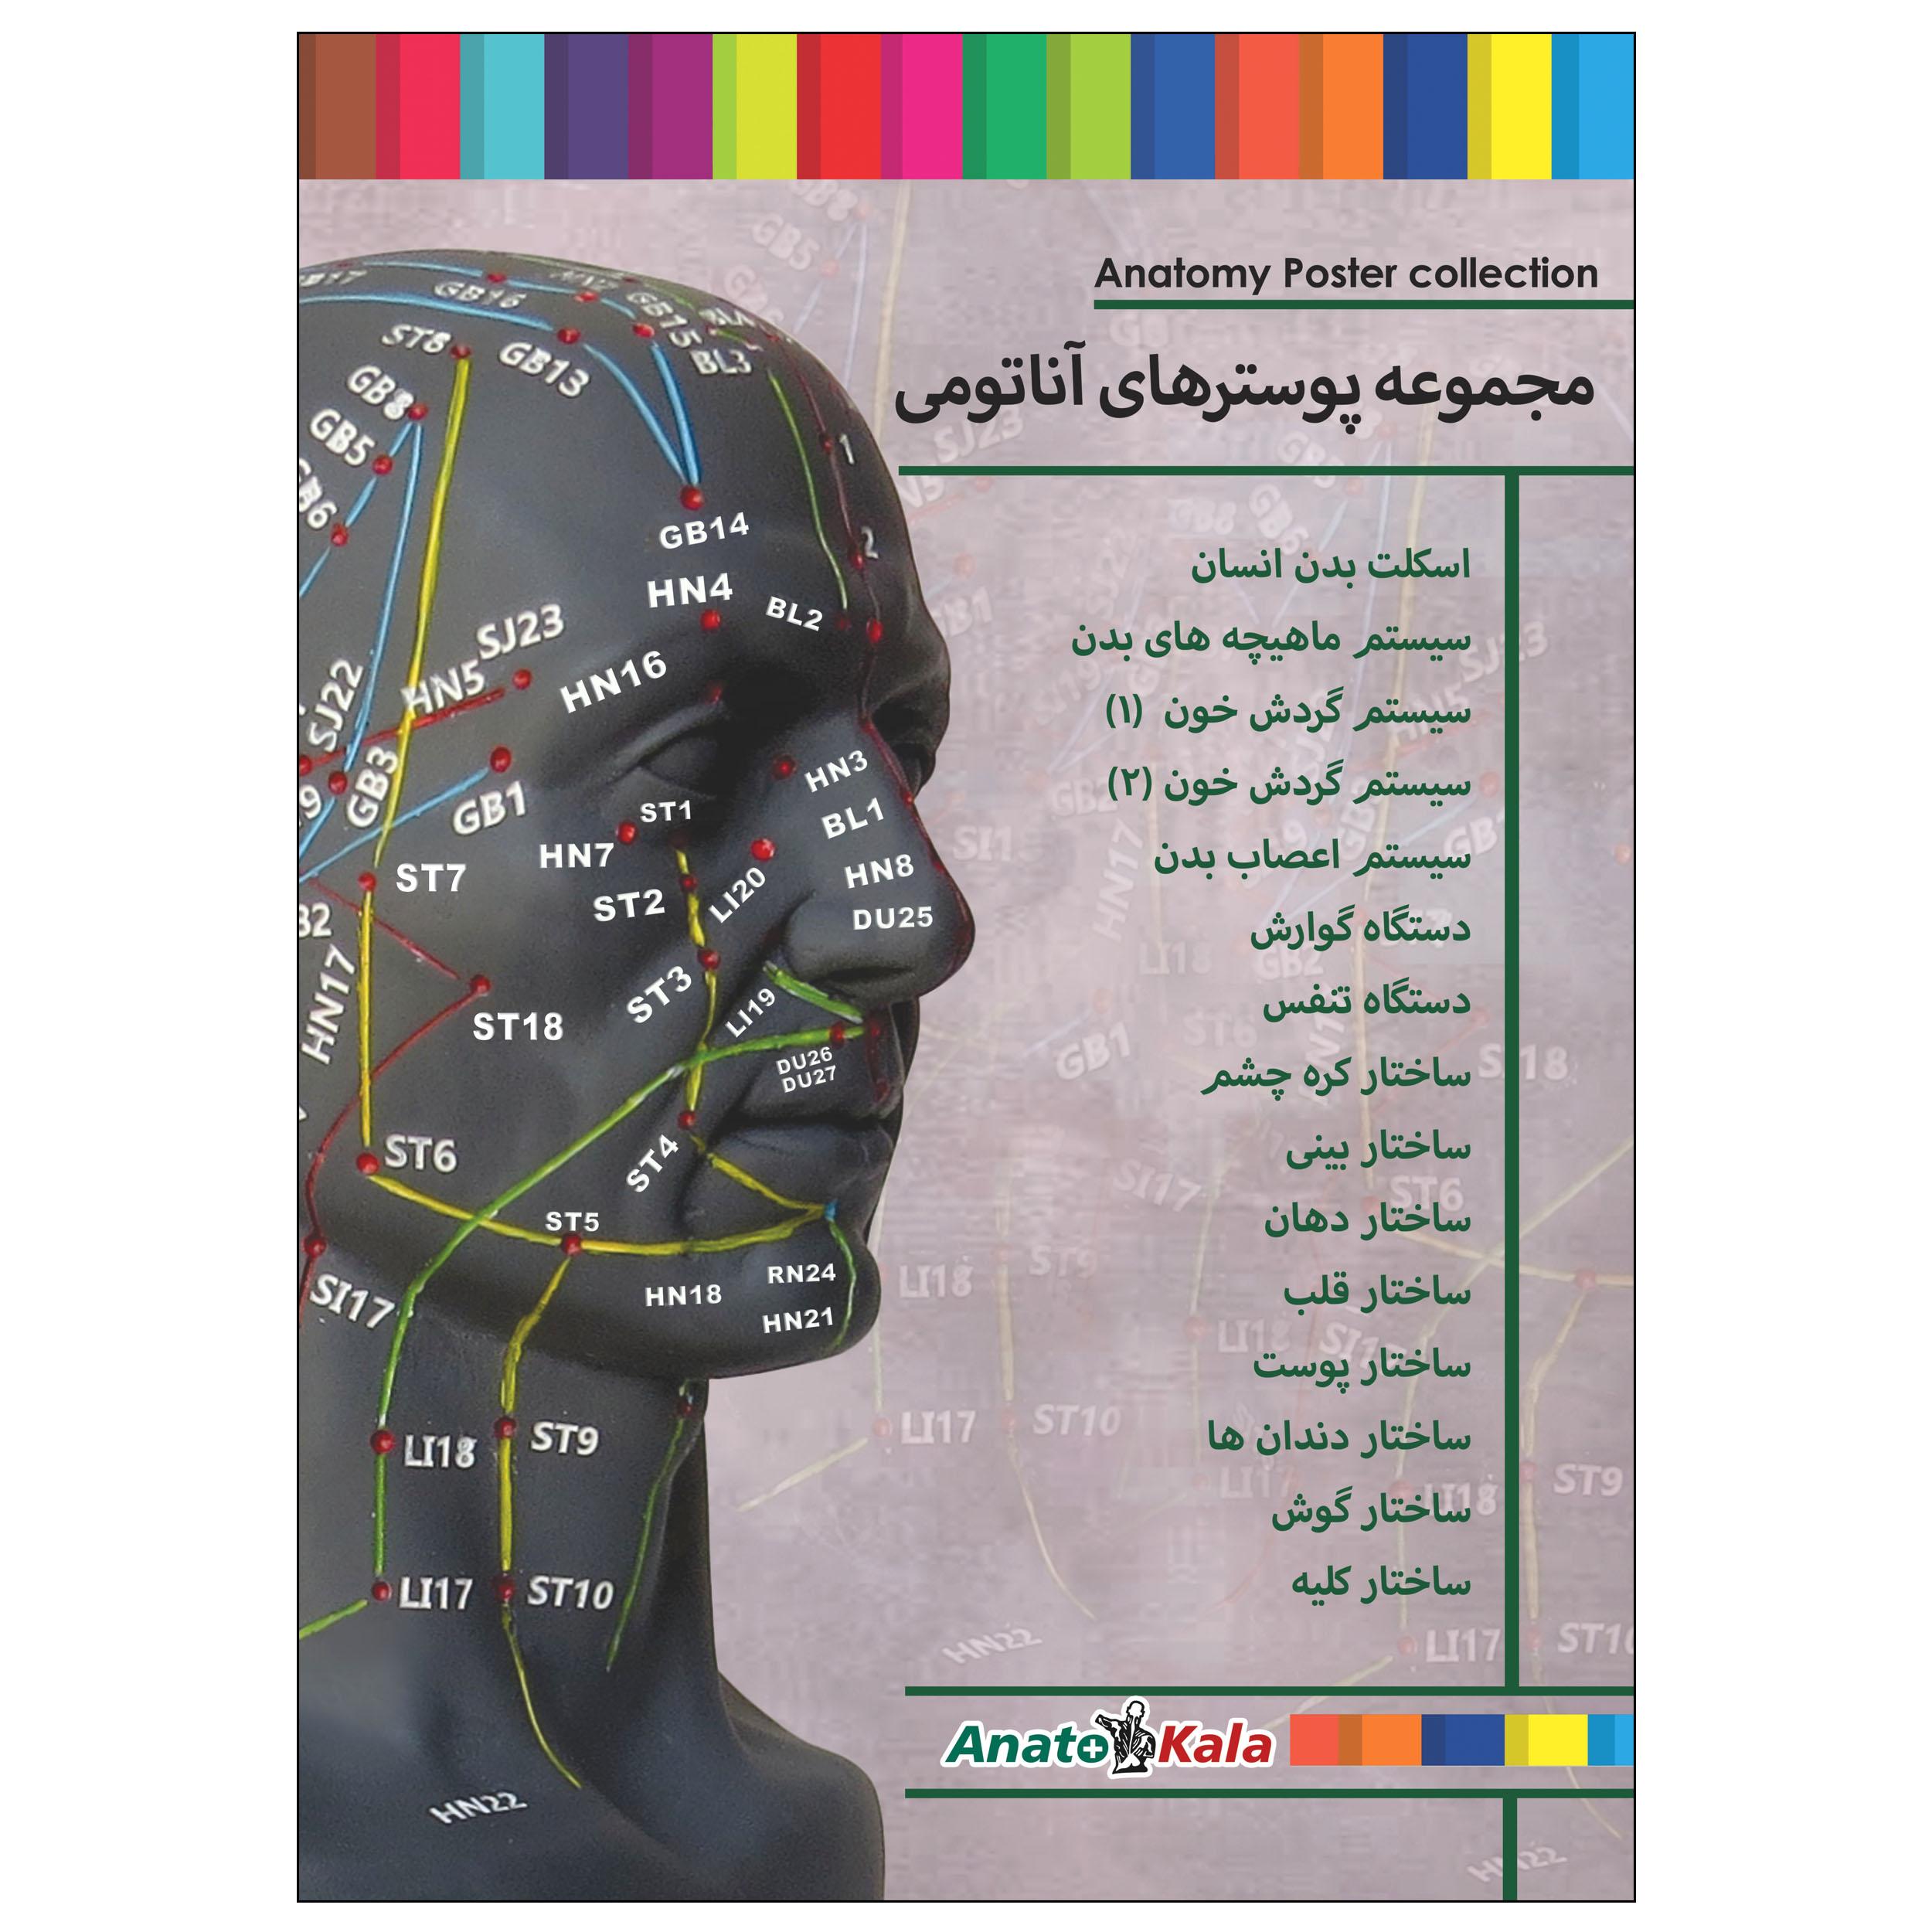 پوستر آموزشی طرح پوستر های آناتومی مجموعه 15 عددی